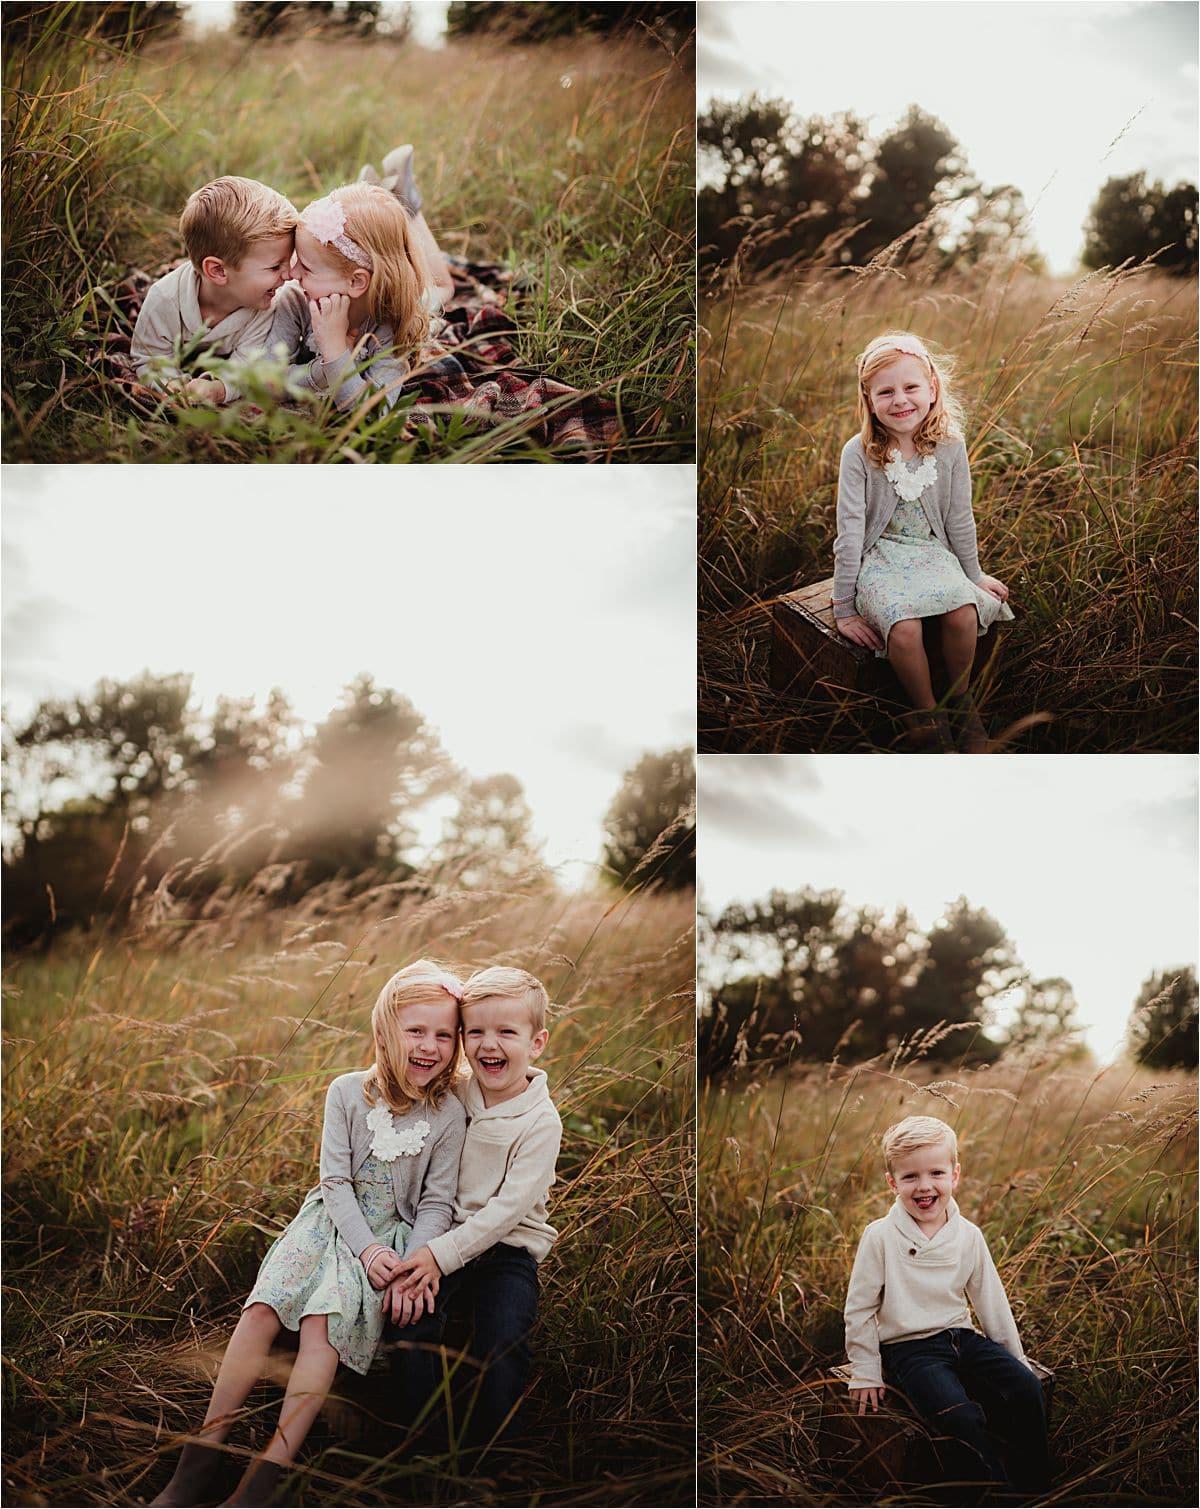 Siblings in Field